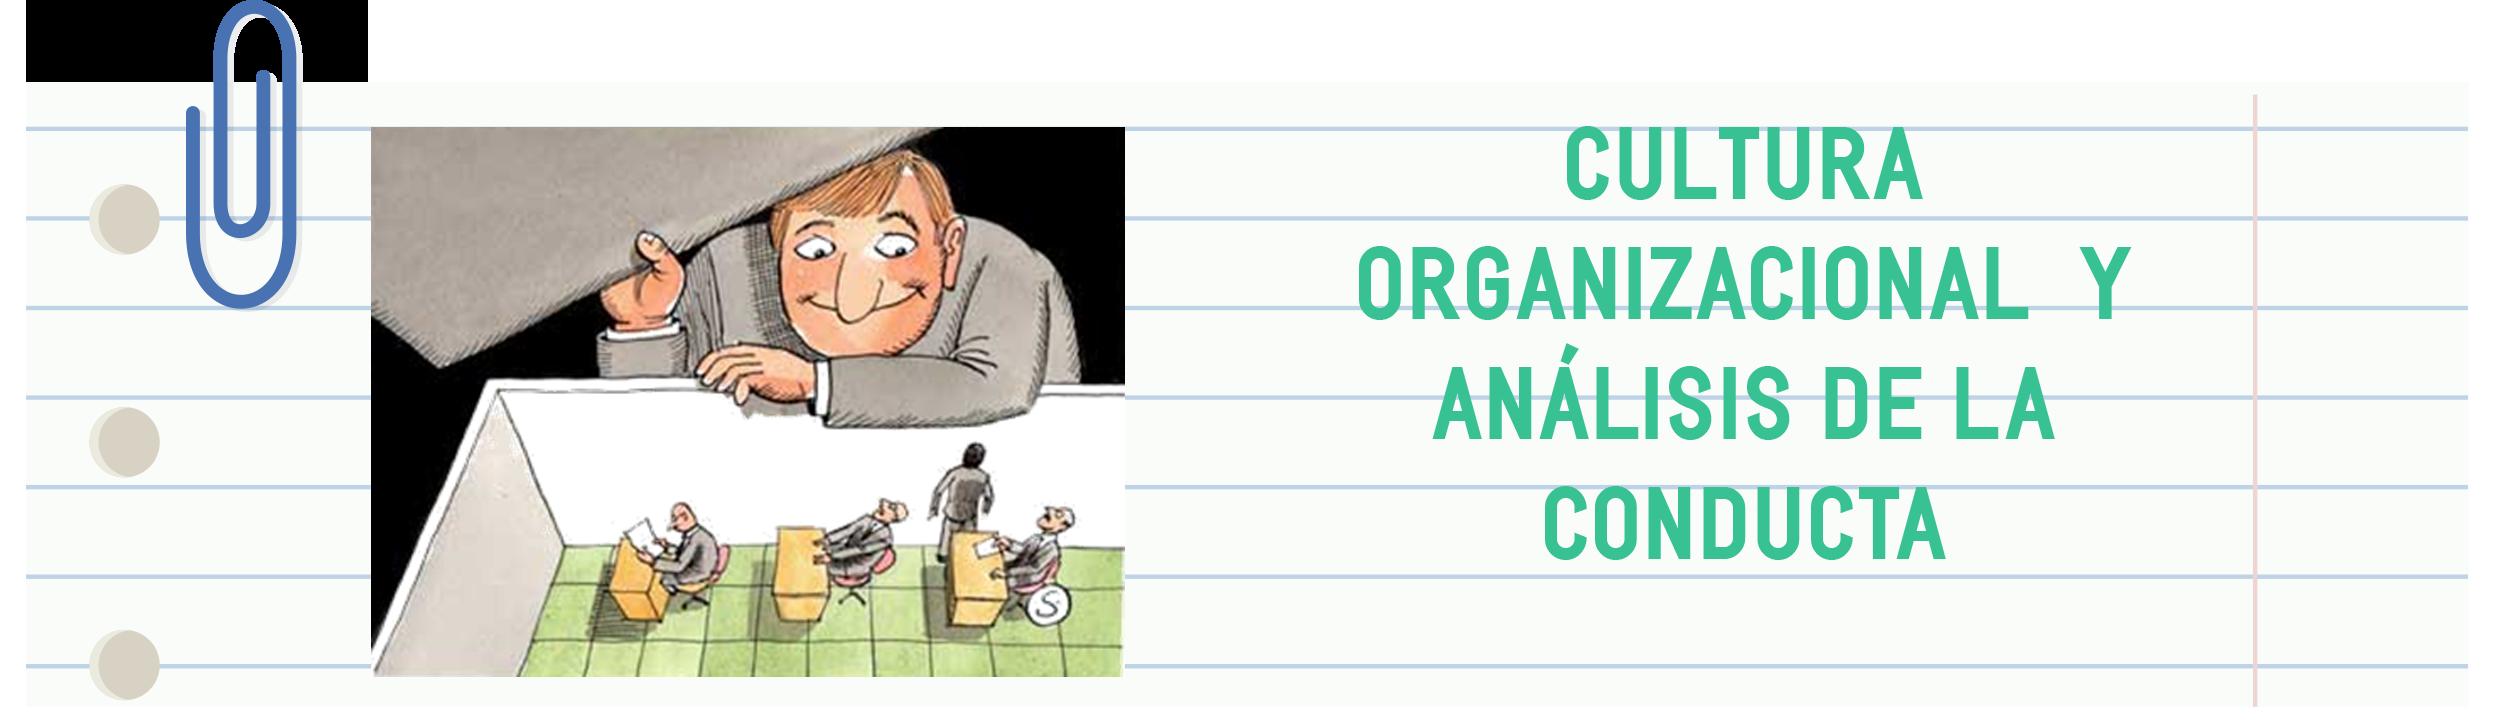 cultura_organizacional_y_analisis_de_la_conducta.png